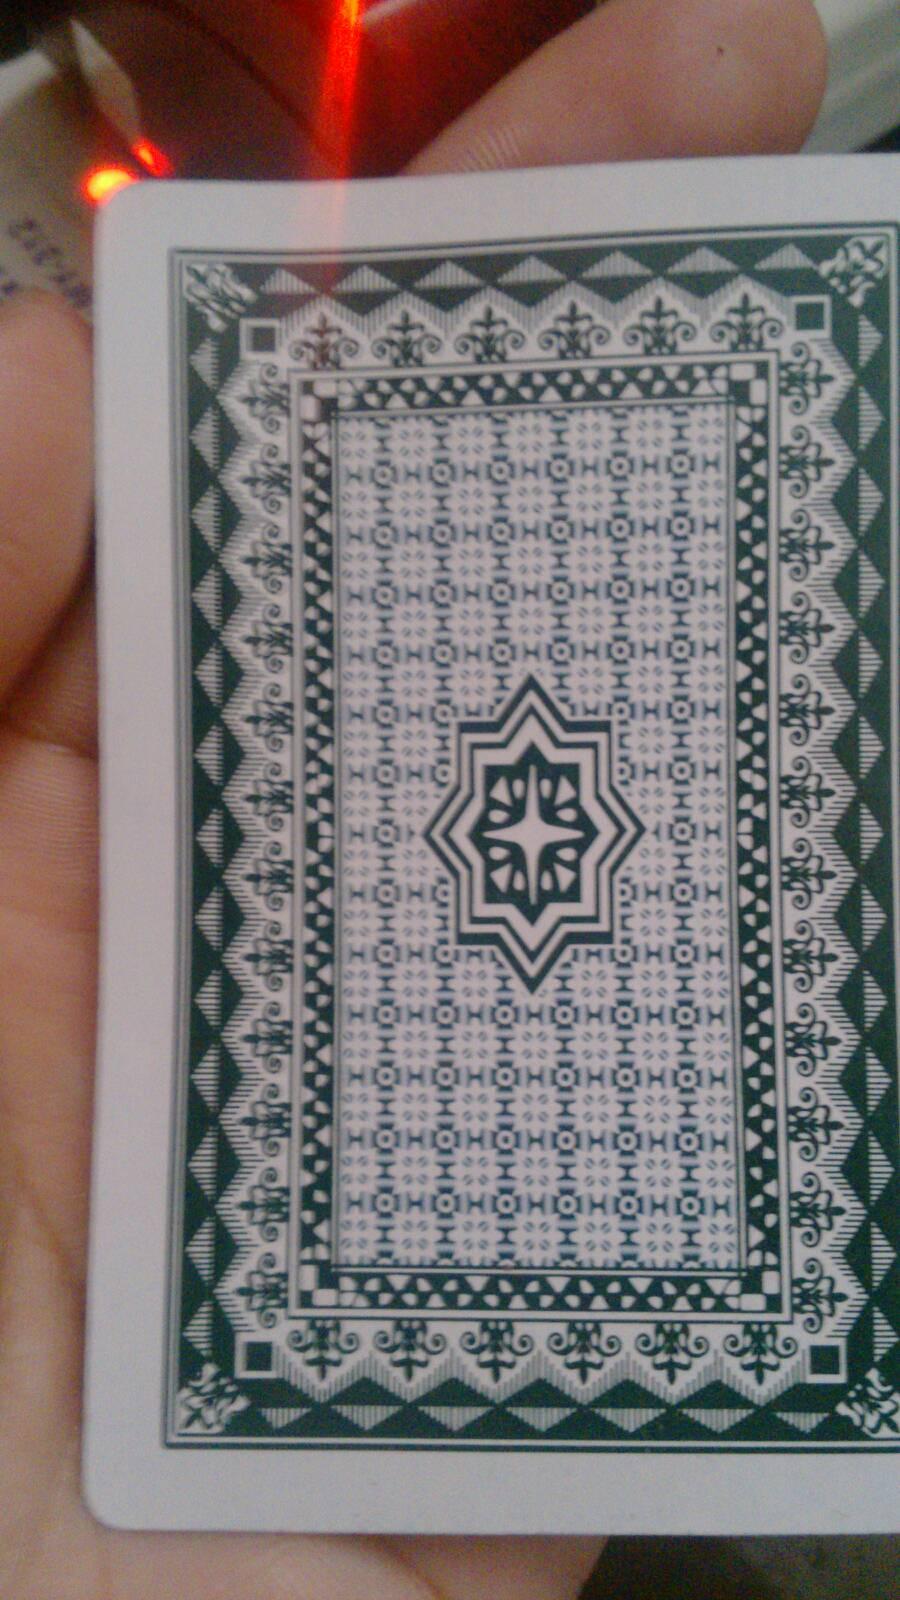 普通�z(K�_求哪位大神能告诉我普通的双k扑克牌怎么在背面认牌?有没有暗号求解